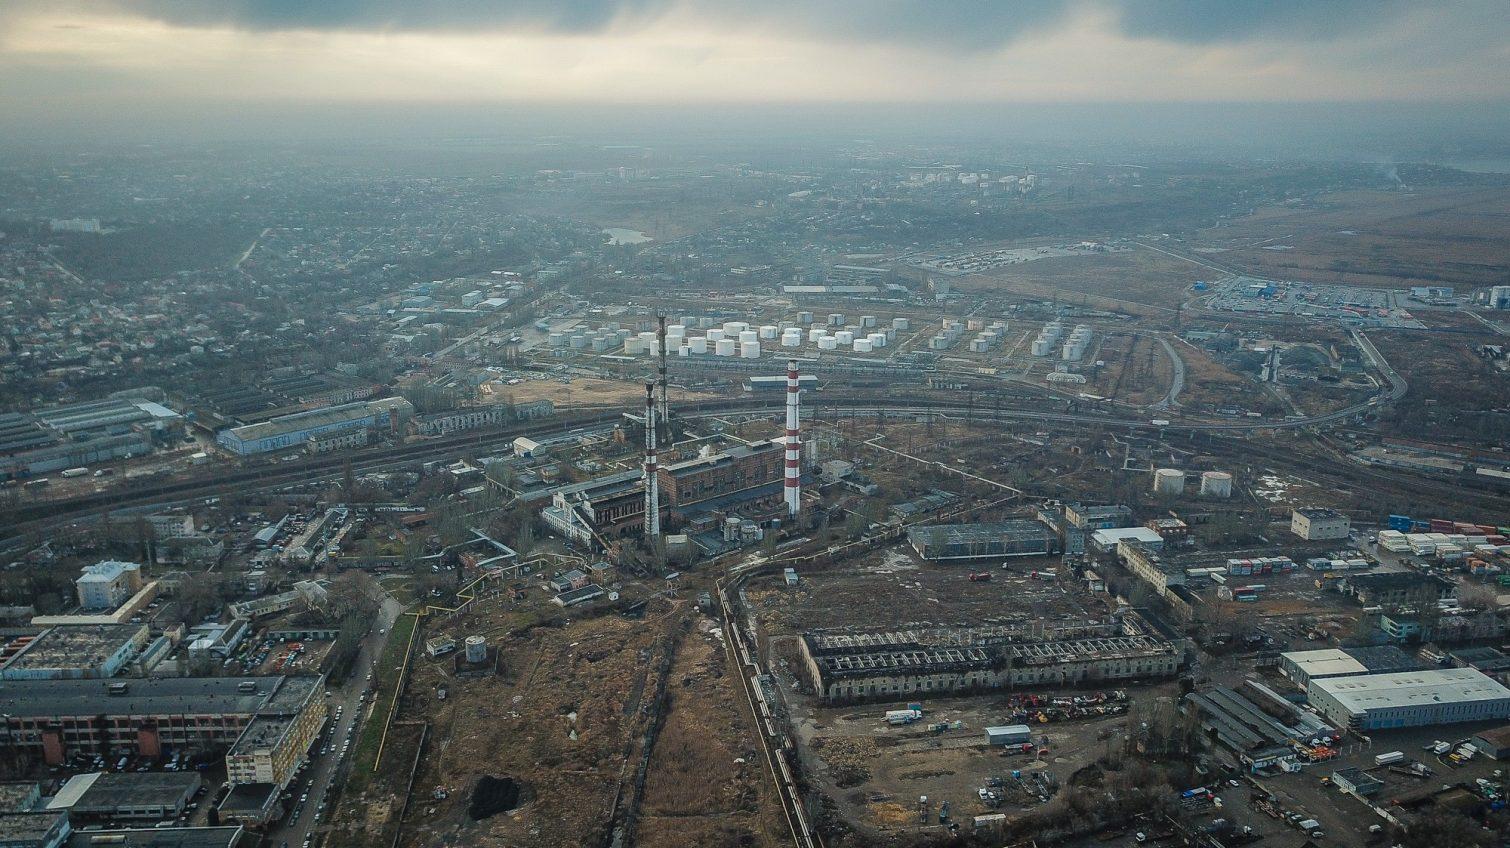 В одесской мэрии хотят массово передавать земли промрайонов в аренду: счет идет на сотни гектаров «фото»